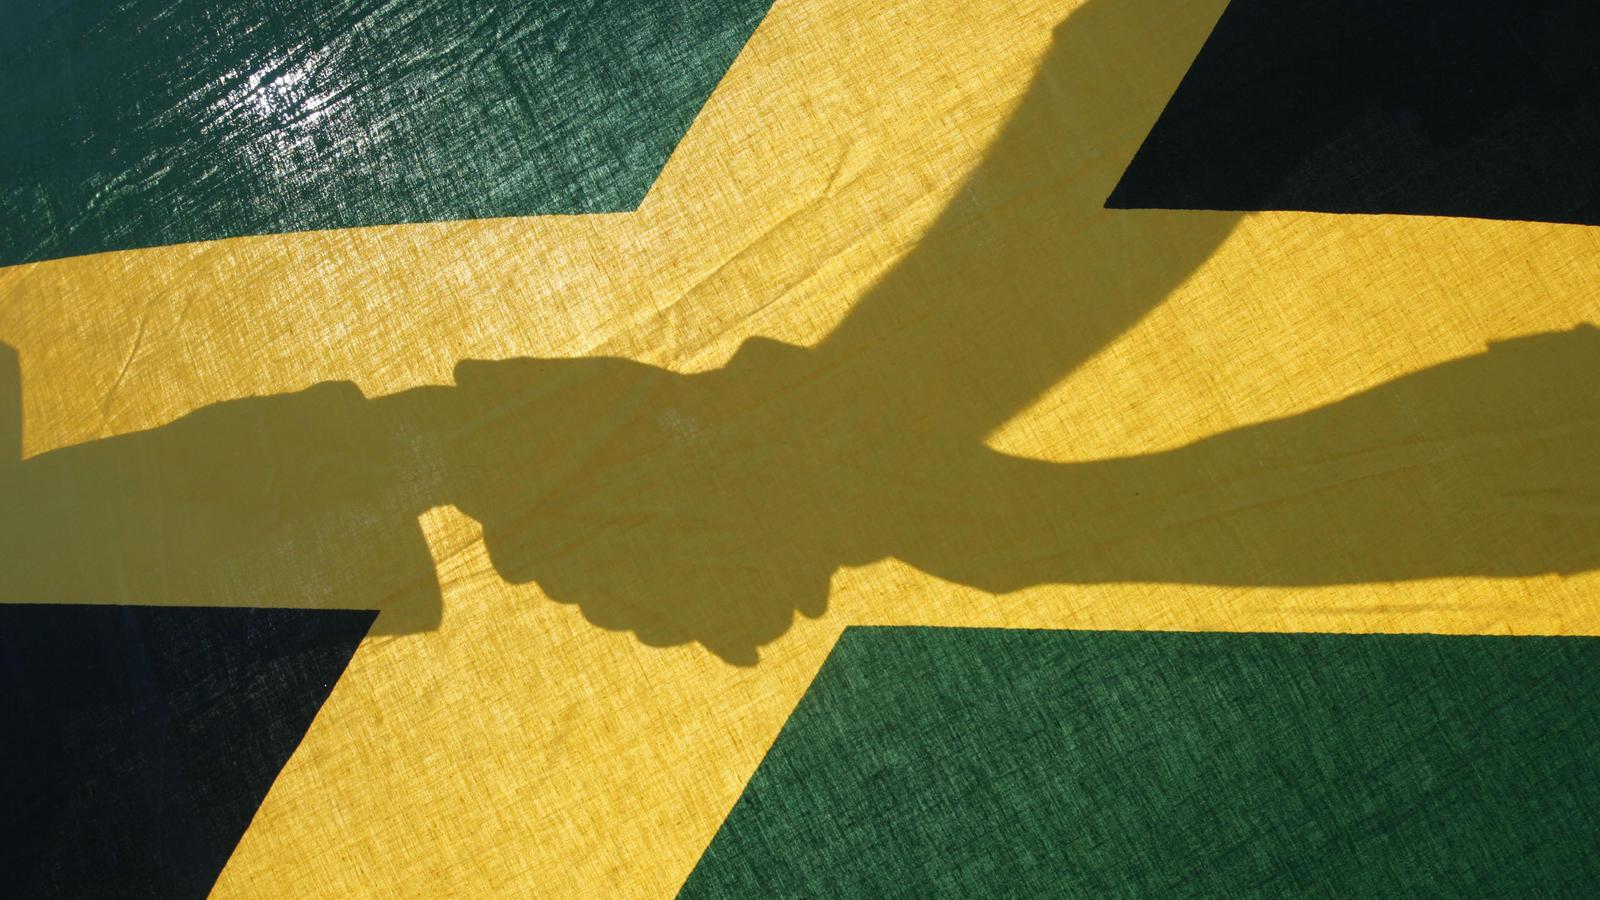 Jamaika-Koalition-Die-wichtigsten-Fragen-und-Antworten